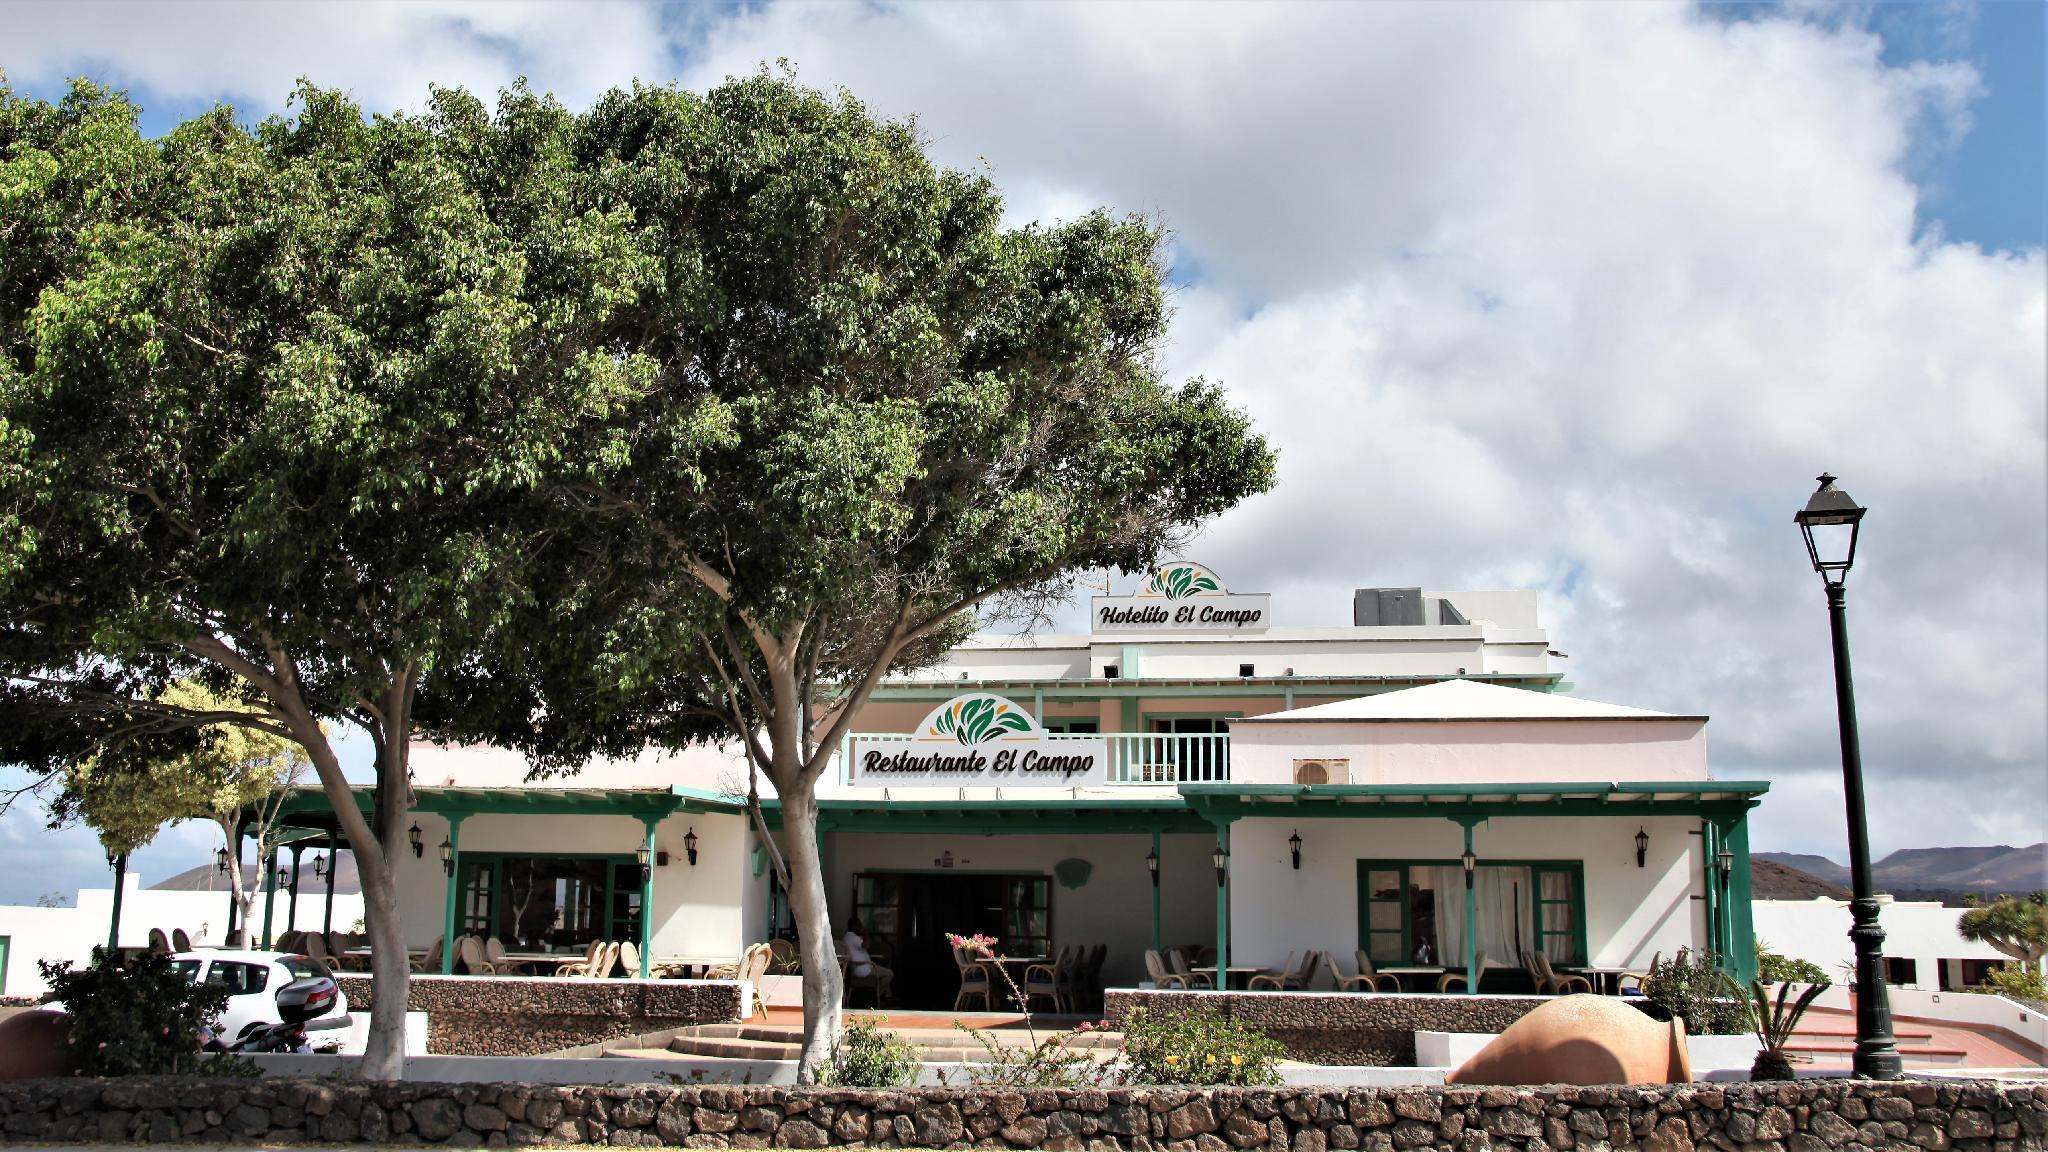 Hotelito El Campo